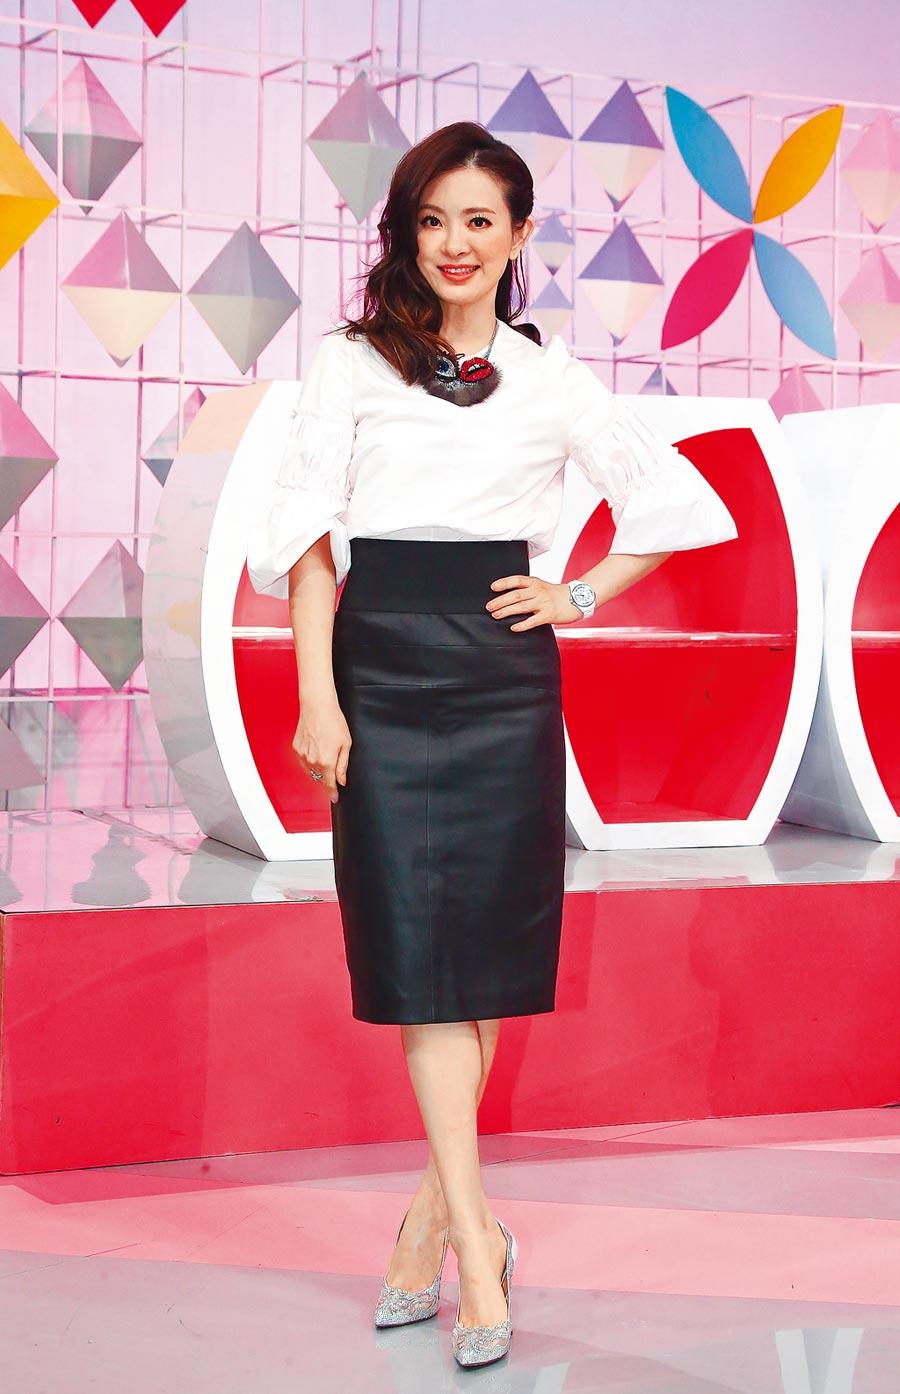 劉真每次上節目都美麗如昔,令人訝異她的健康亮紅燈。(資料照片)